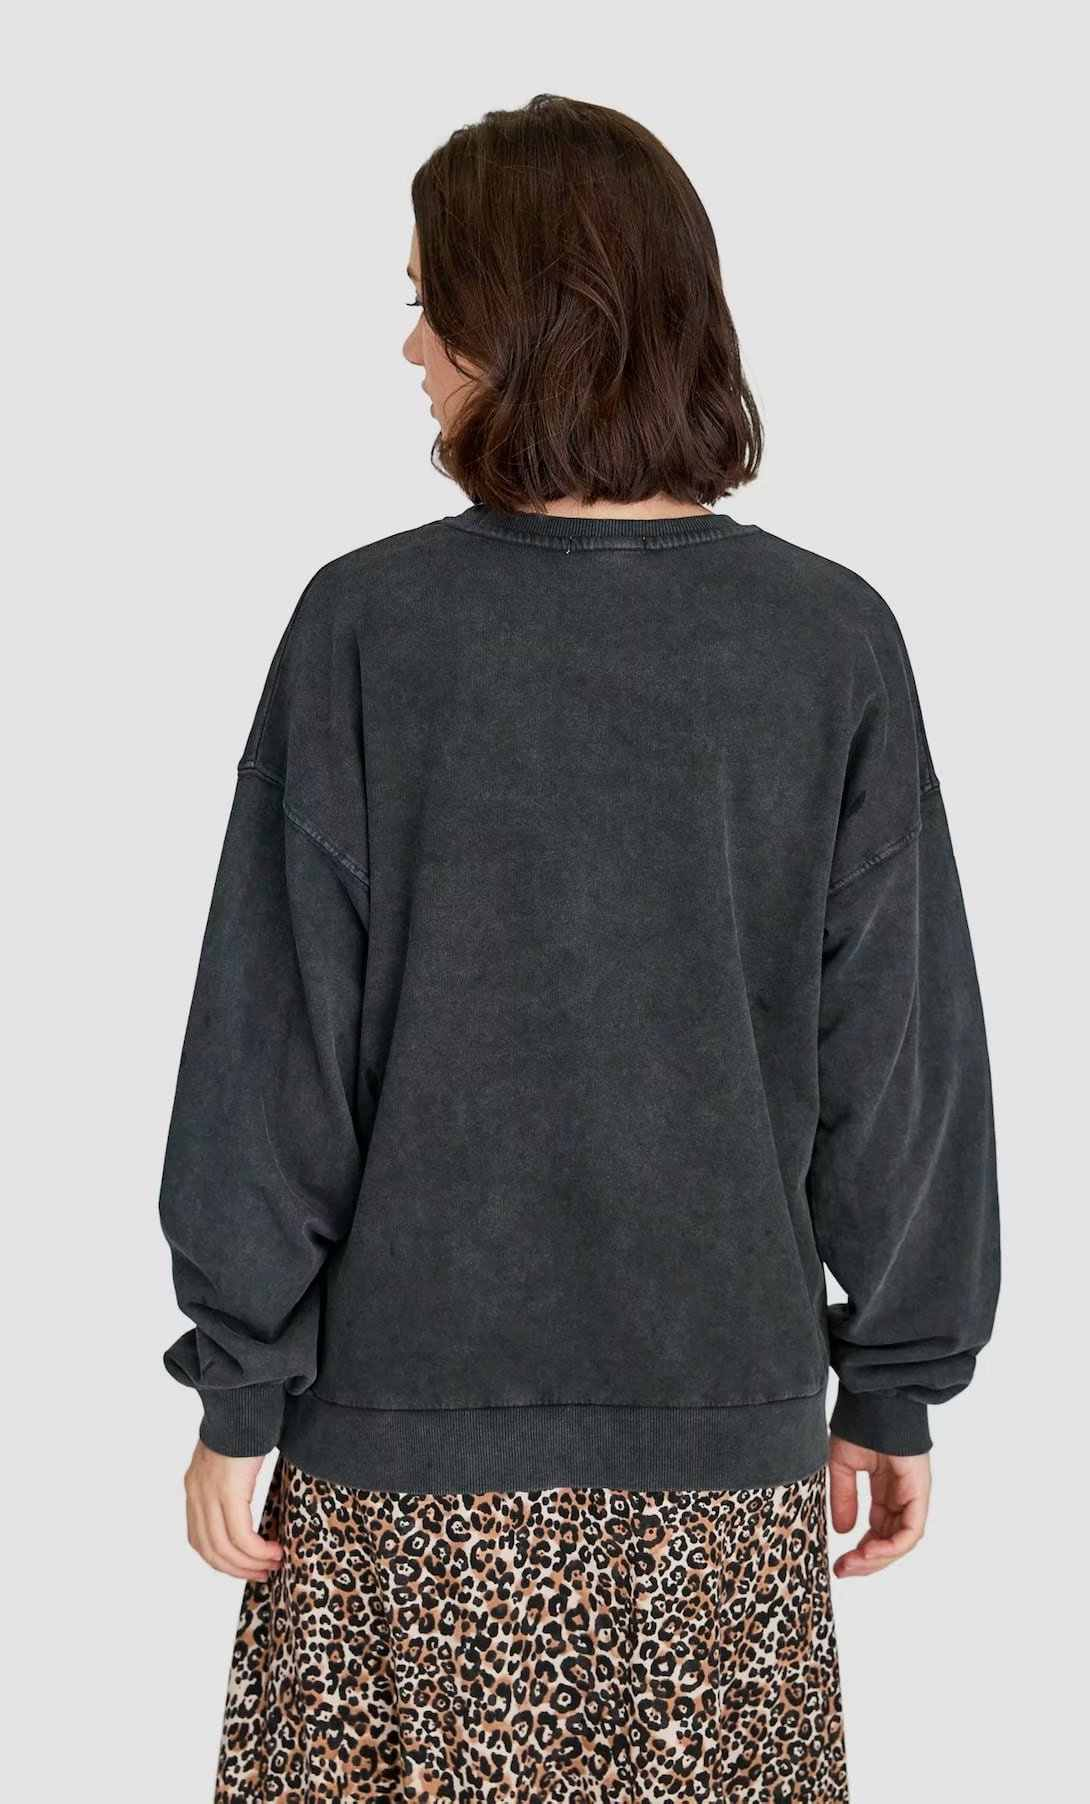 2019 ZA новый модный свитер с принтом льва Диснея Женская Осенняя зимняя одежда Повседневный тонкий пуловер свитшот вечерние оптом